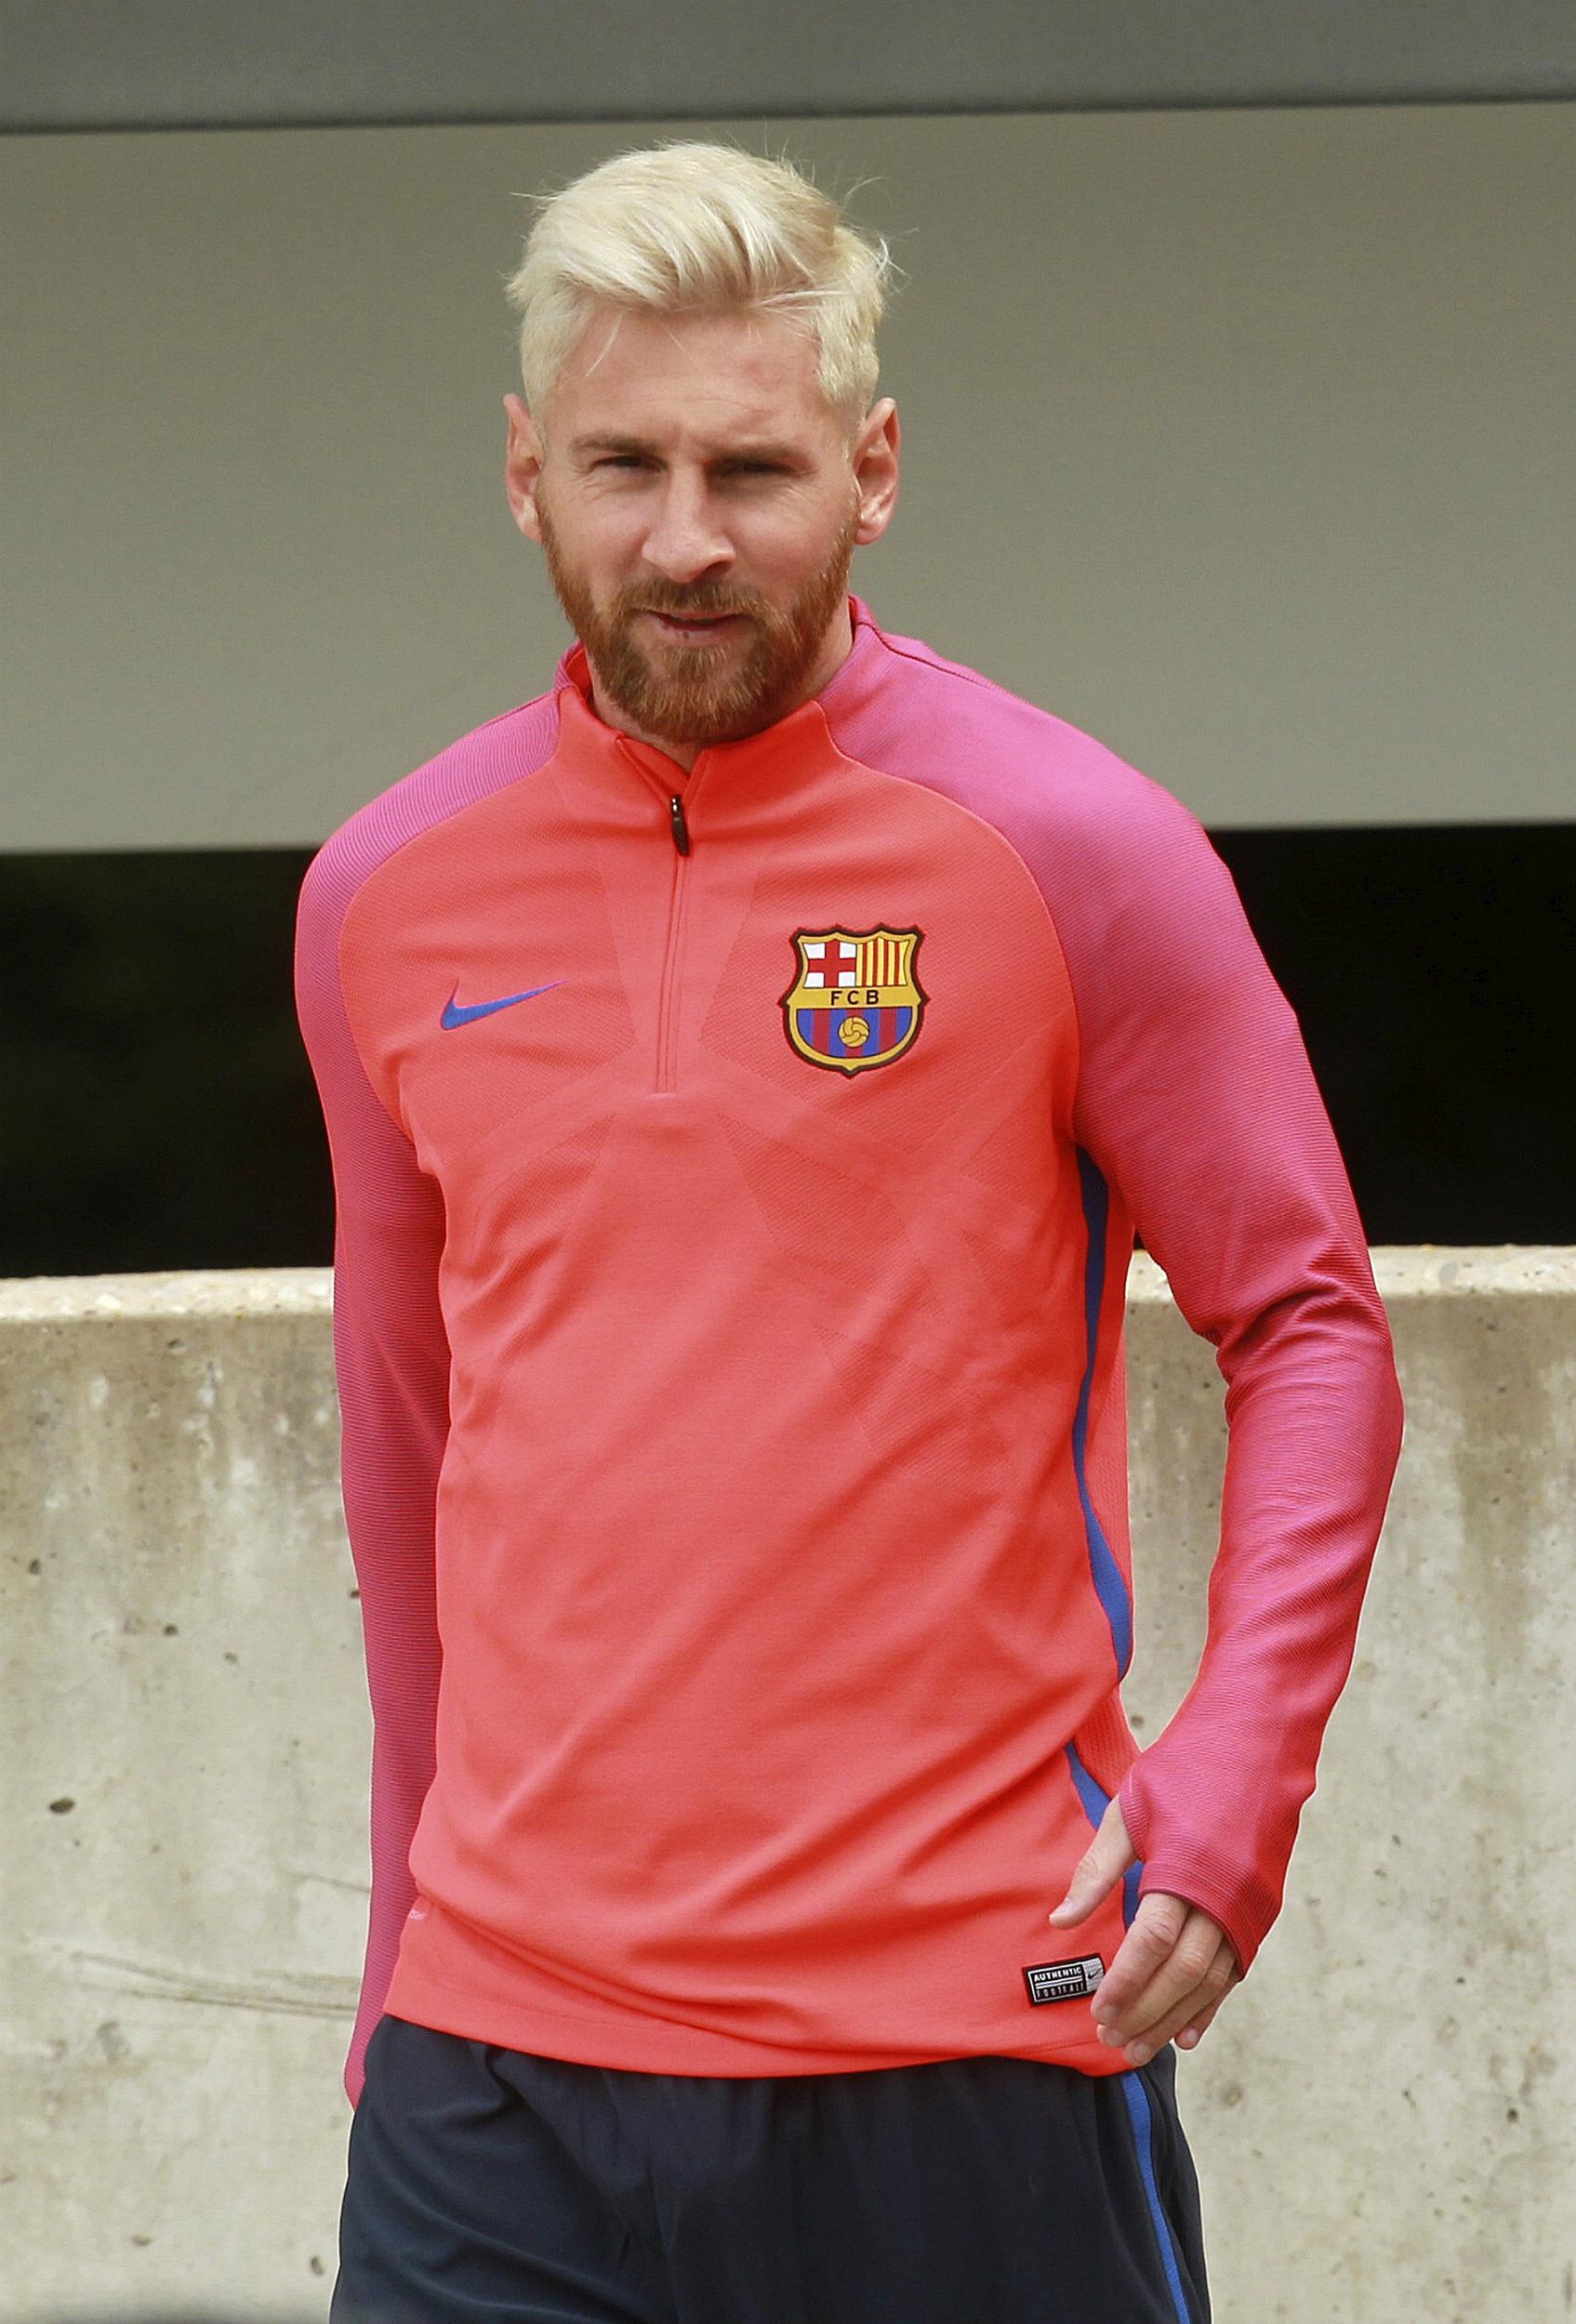 El delantero argentino del FC Barcelona Leo Messi, durante el entrenamiento que ha realizado el equipo azulgrana en St Georges Park en Staffordshire. EFE/Sean Dempsey